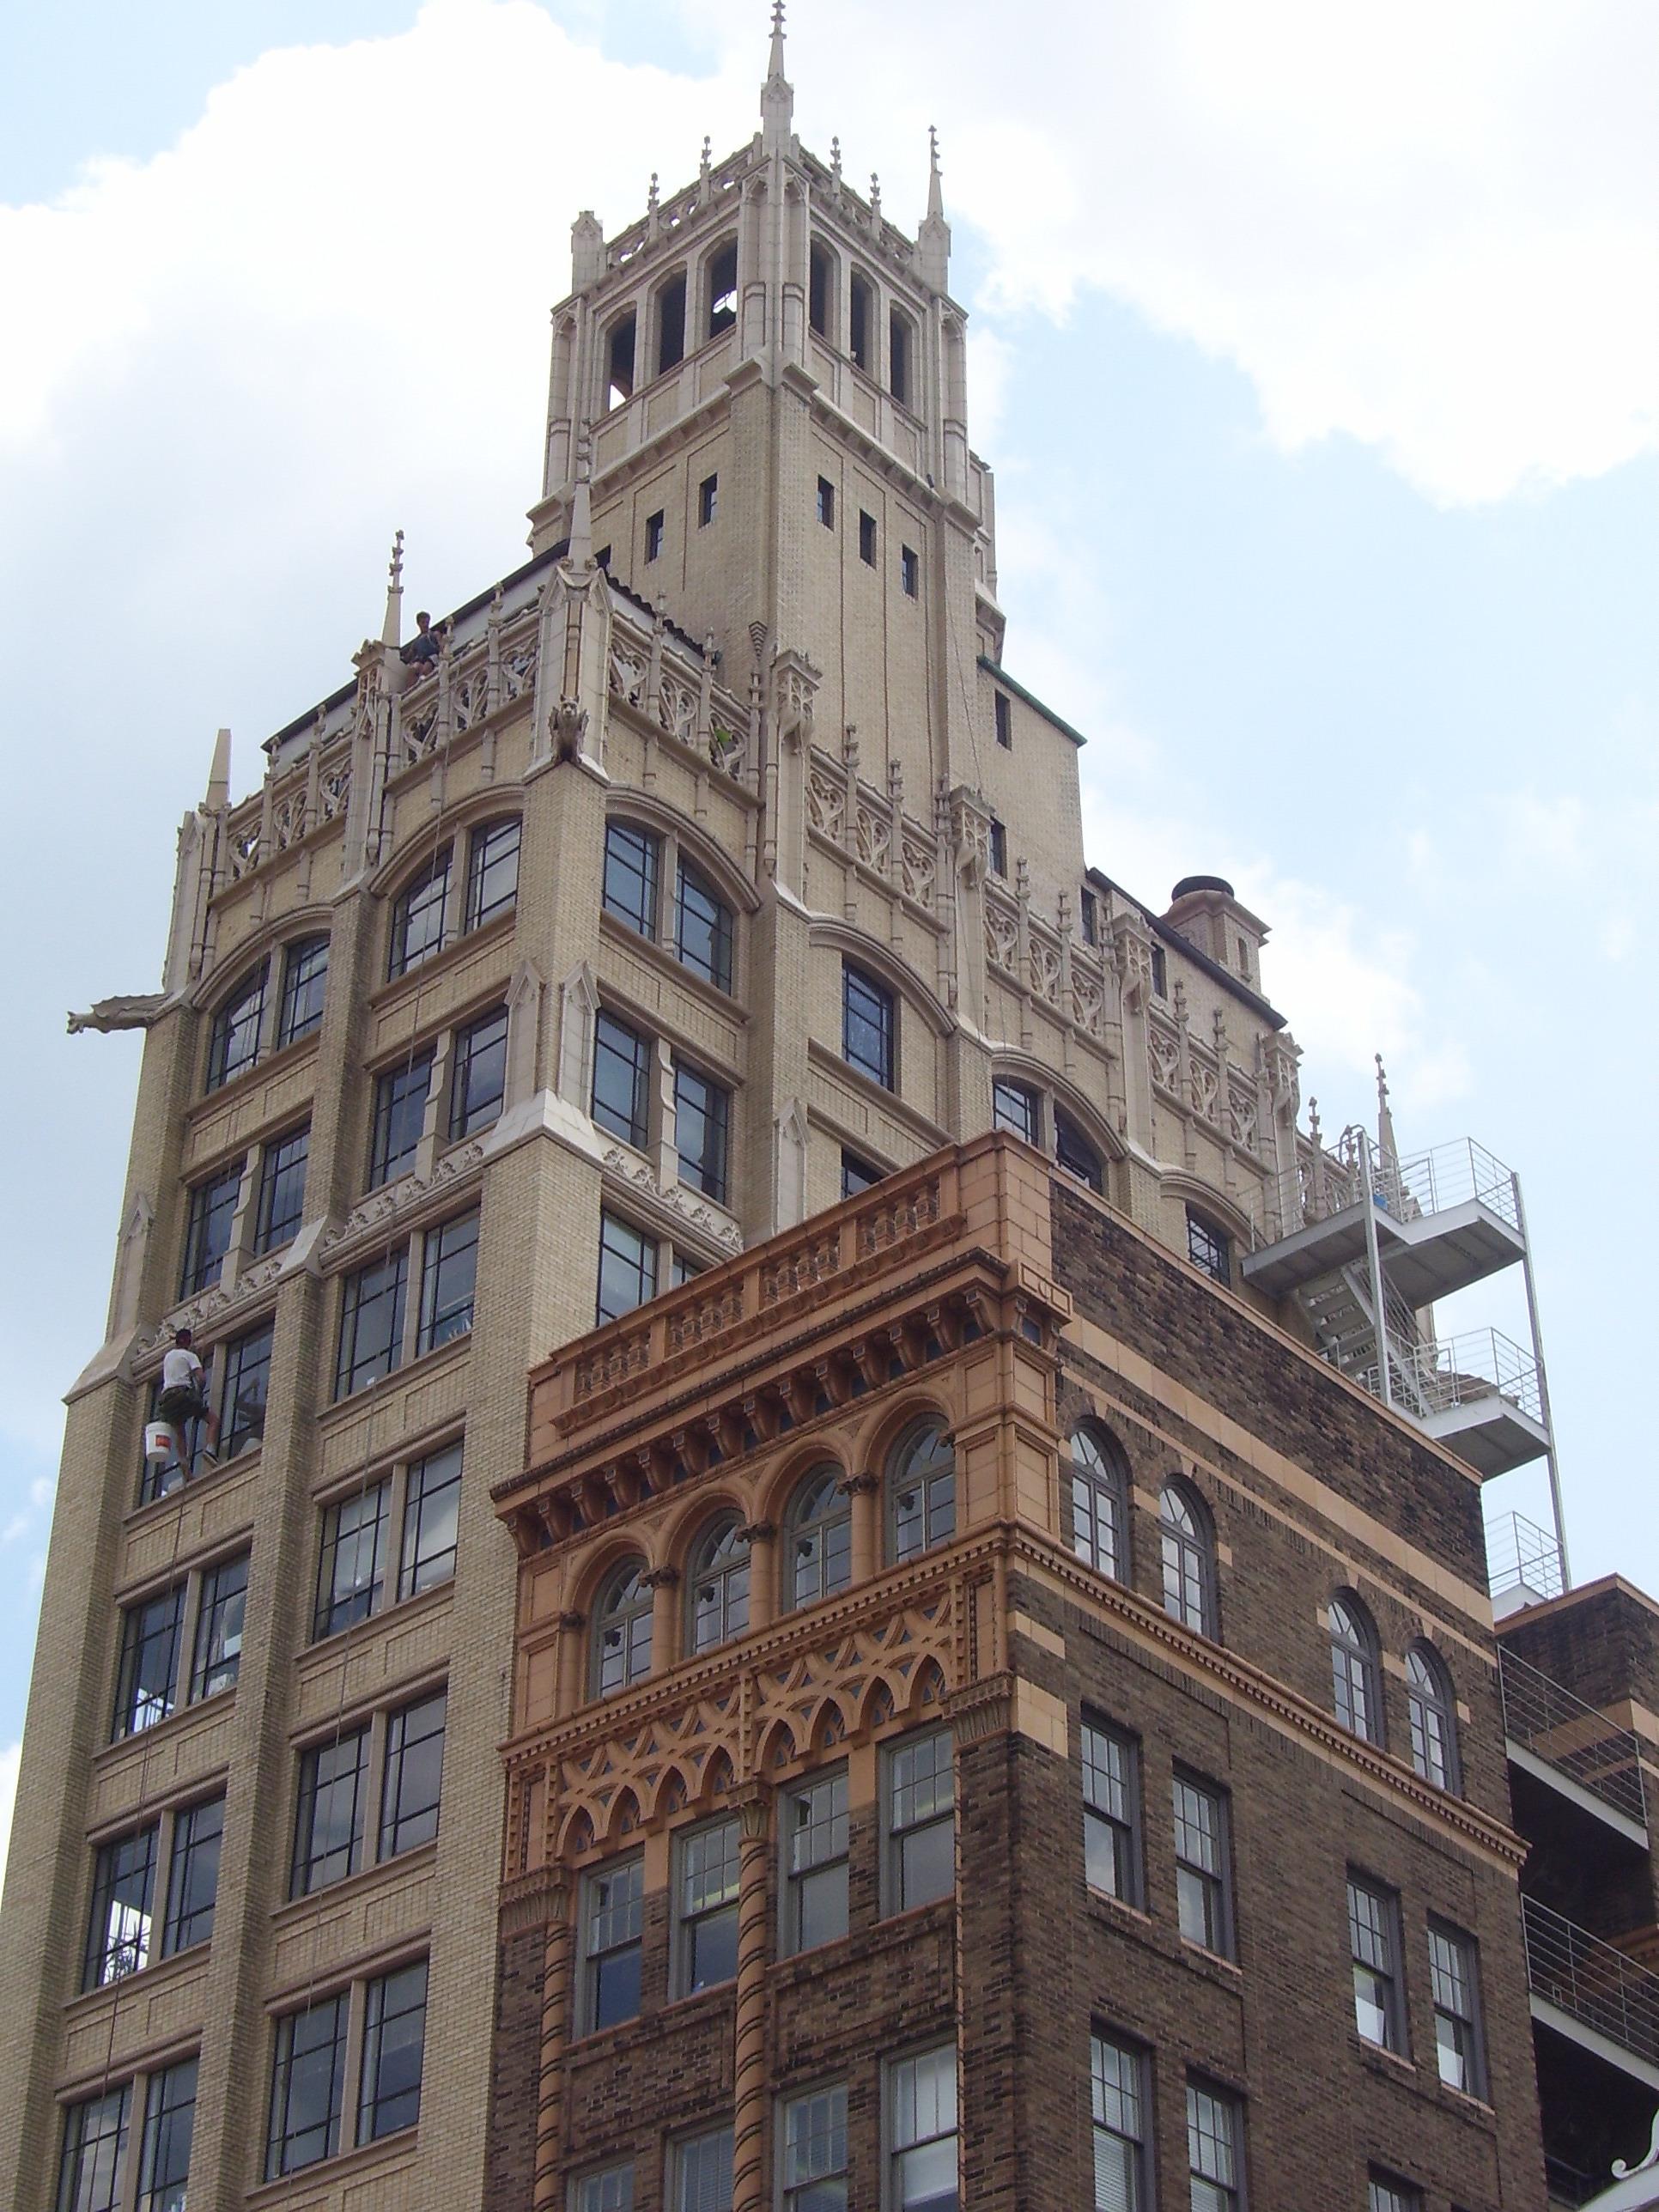 HISTORIC BUILDING RESTORATION & PRESERVATION